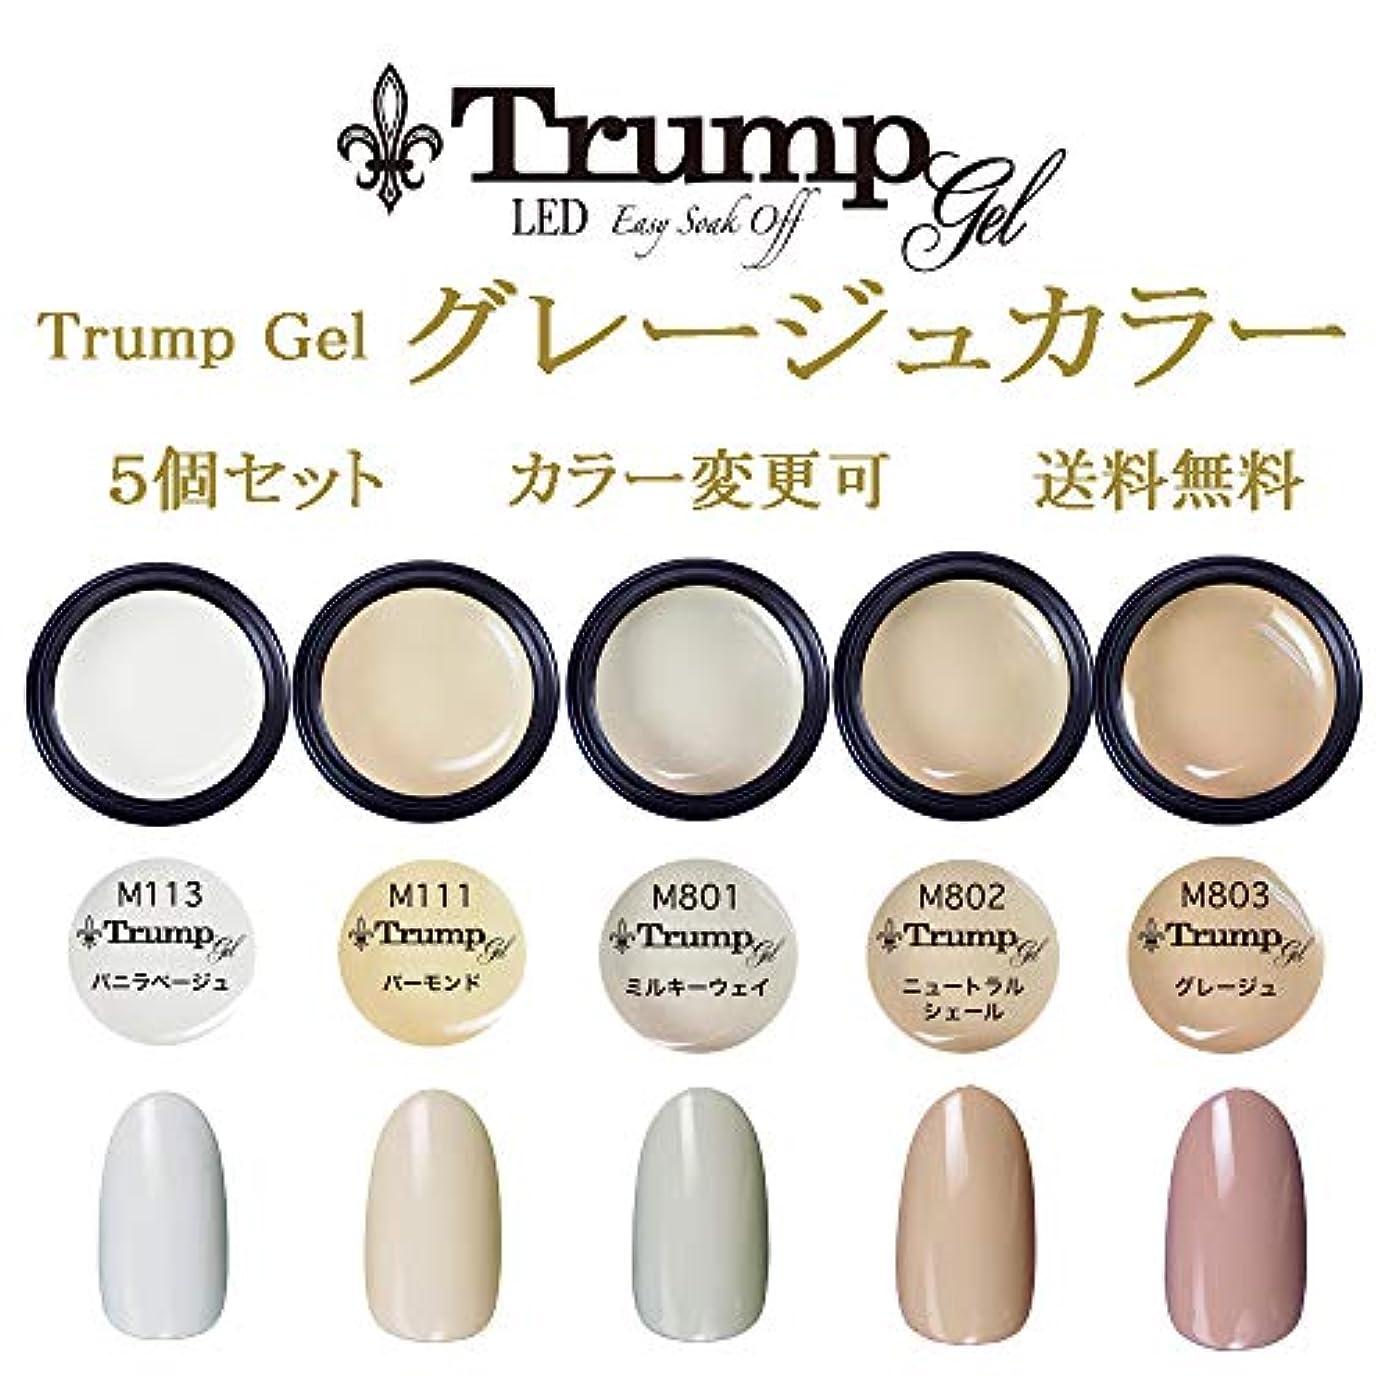 台風山ストレンジャー日本製 Trump gel トランプジェル グレージュカラー 選べる カラージェル 5個セット ホワイト ベージュ ピンク スモーク